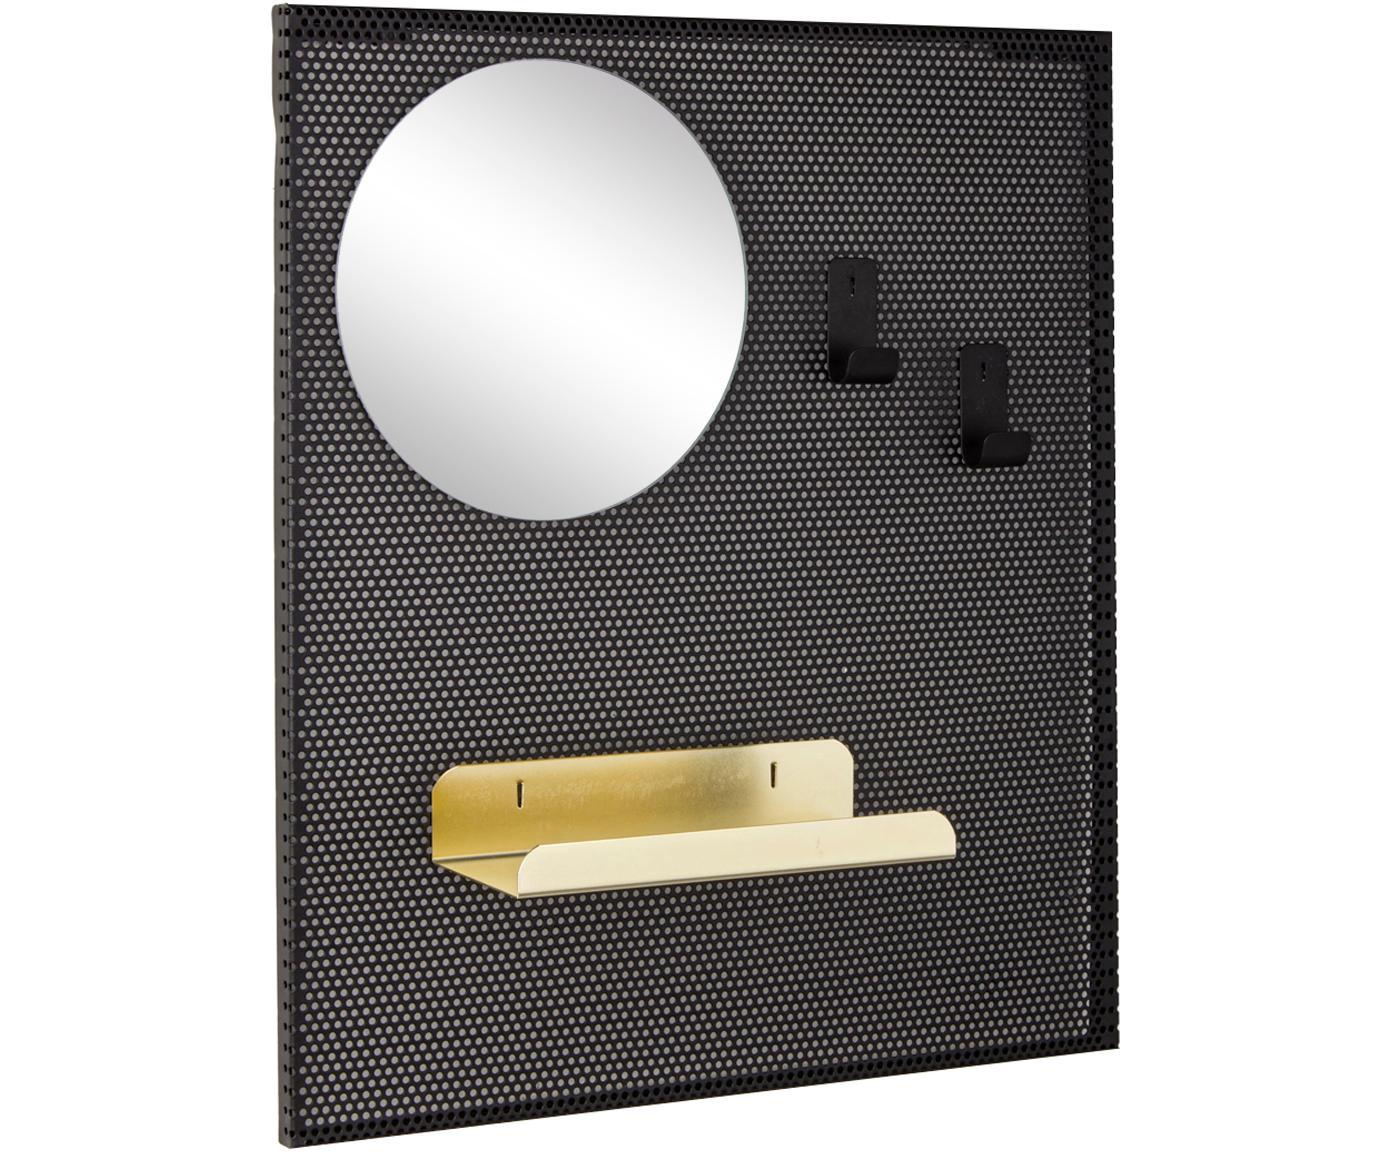 Mały wieszak ścienny ze schowkiem na klucze Metric, Czarny, S 40 x W 46 cm